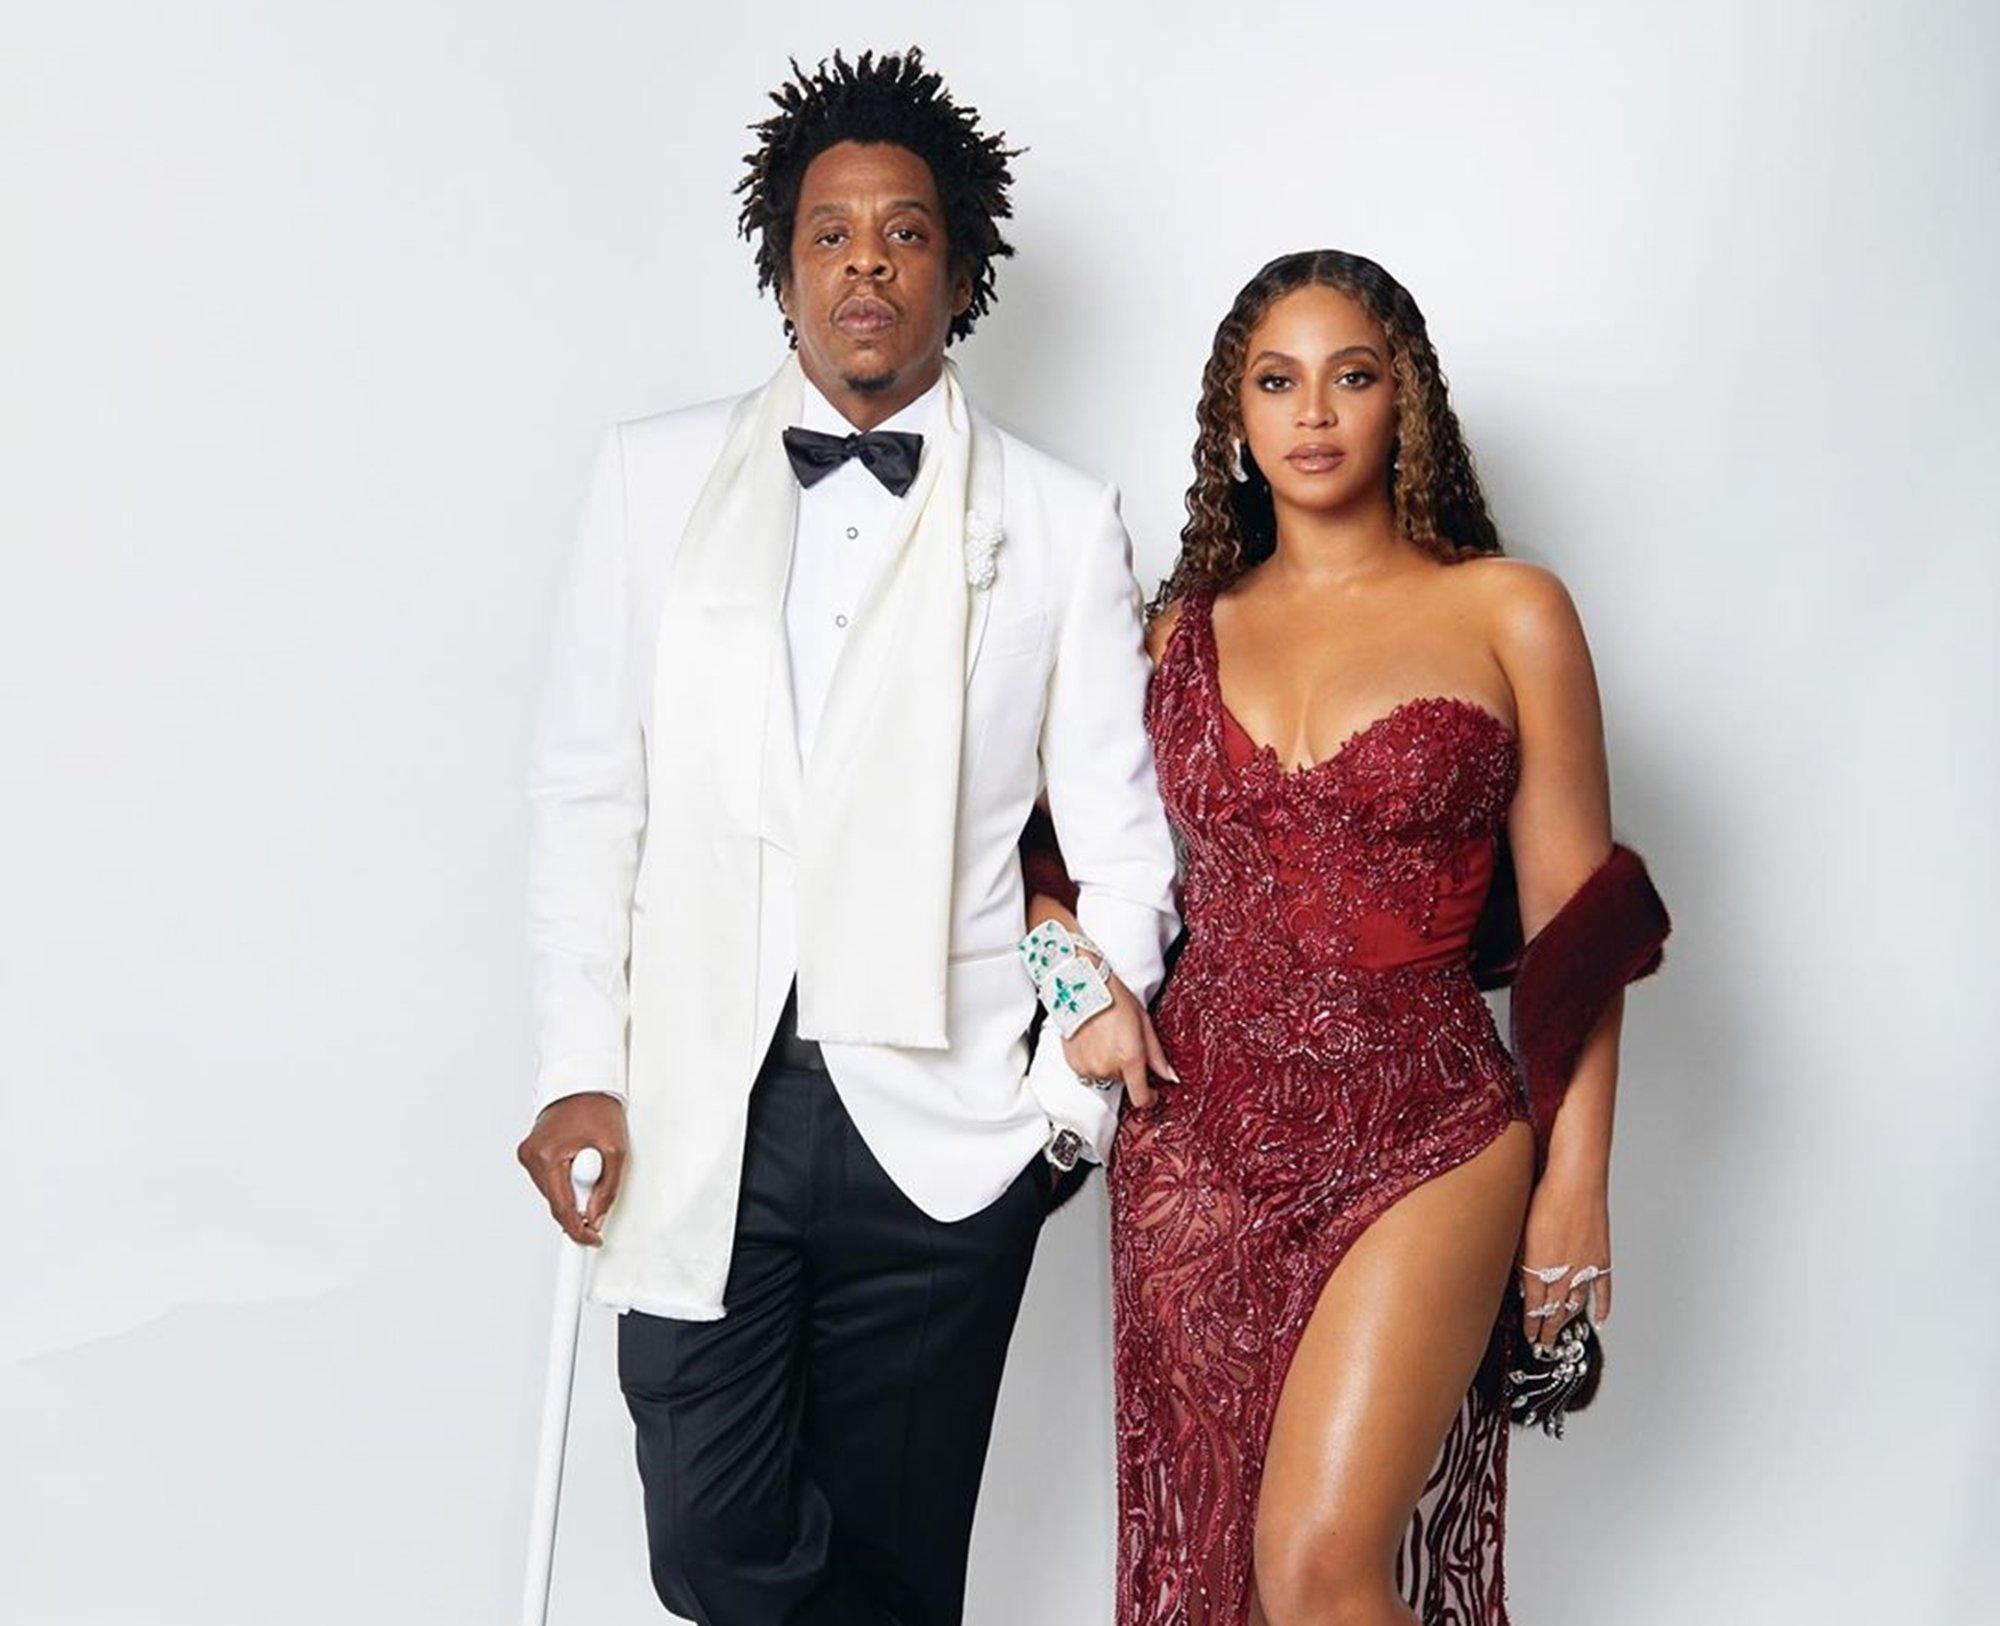 Jay-Z Beyonce Intruder Bodyguards Police